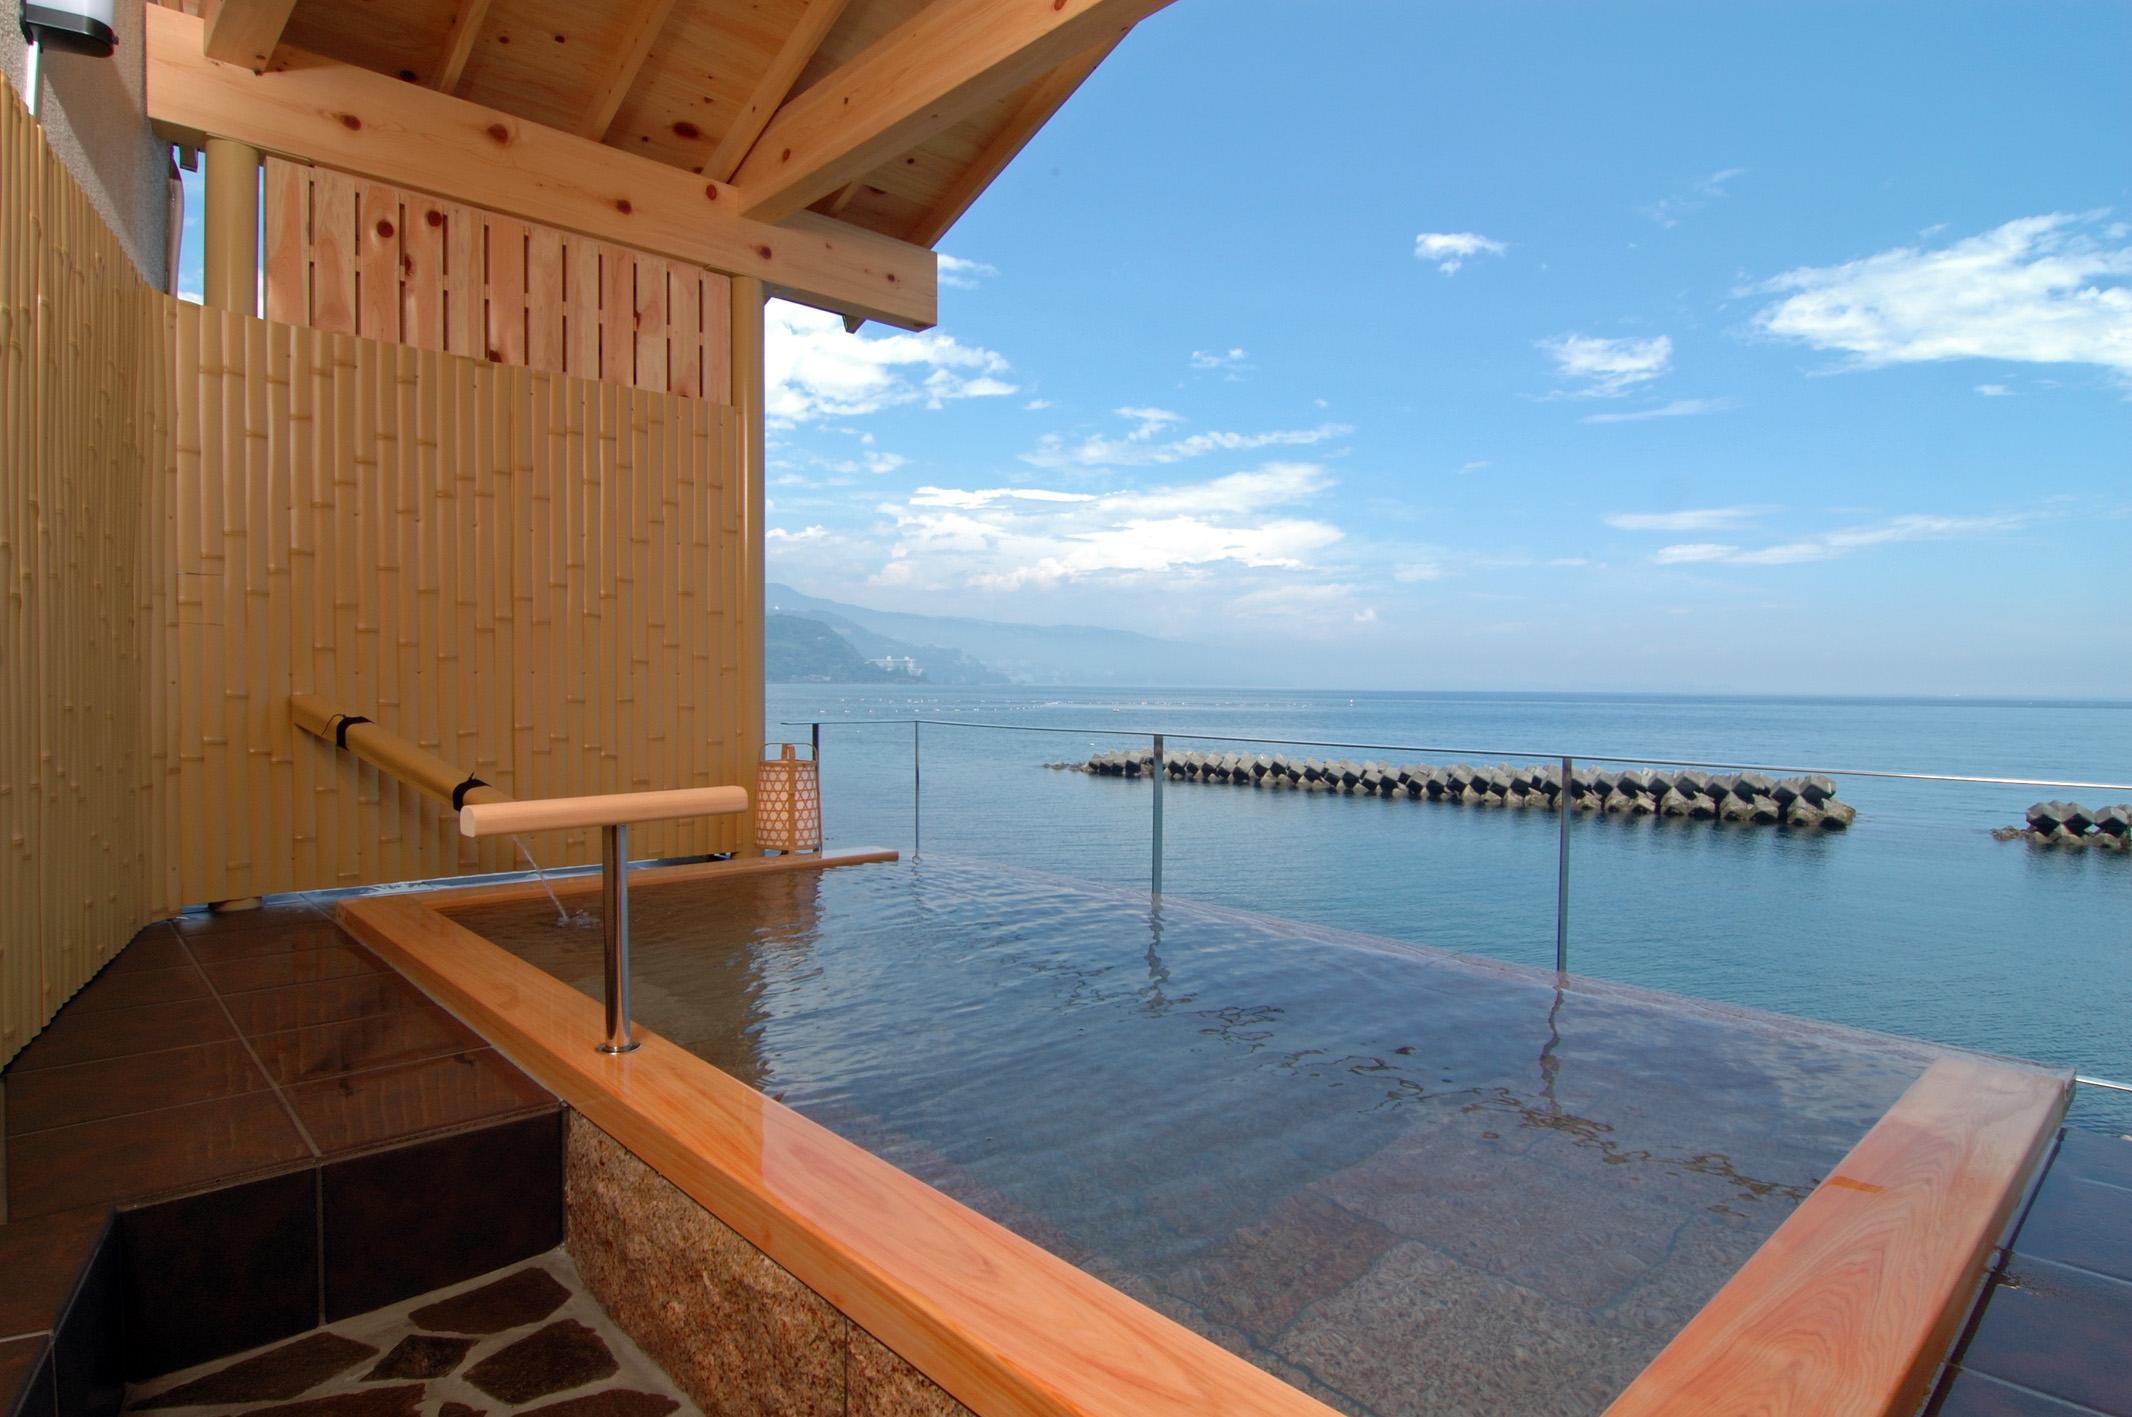 伊豆の日帰り温泉ランキング!個室や絶景が有名な施設・海が見える温泉も!